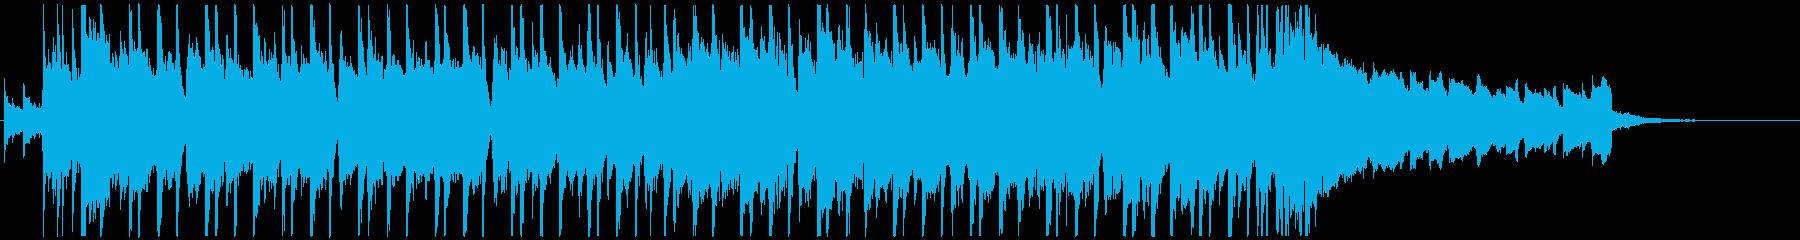 明るく軽快、ウキウキ楽しい動画用、30秒の再生済みの波形